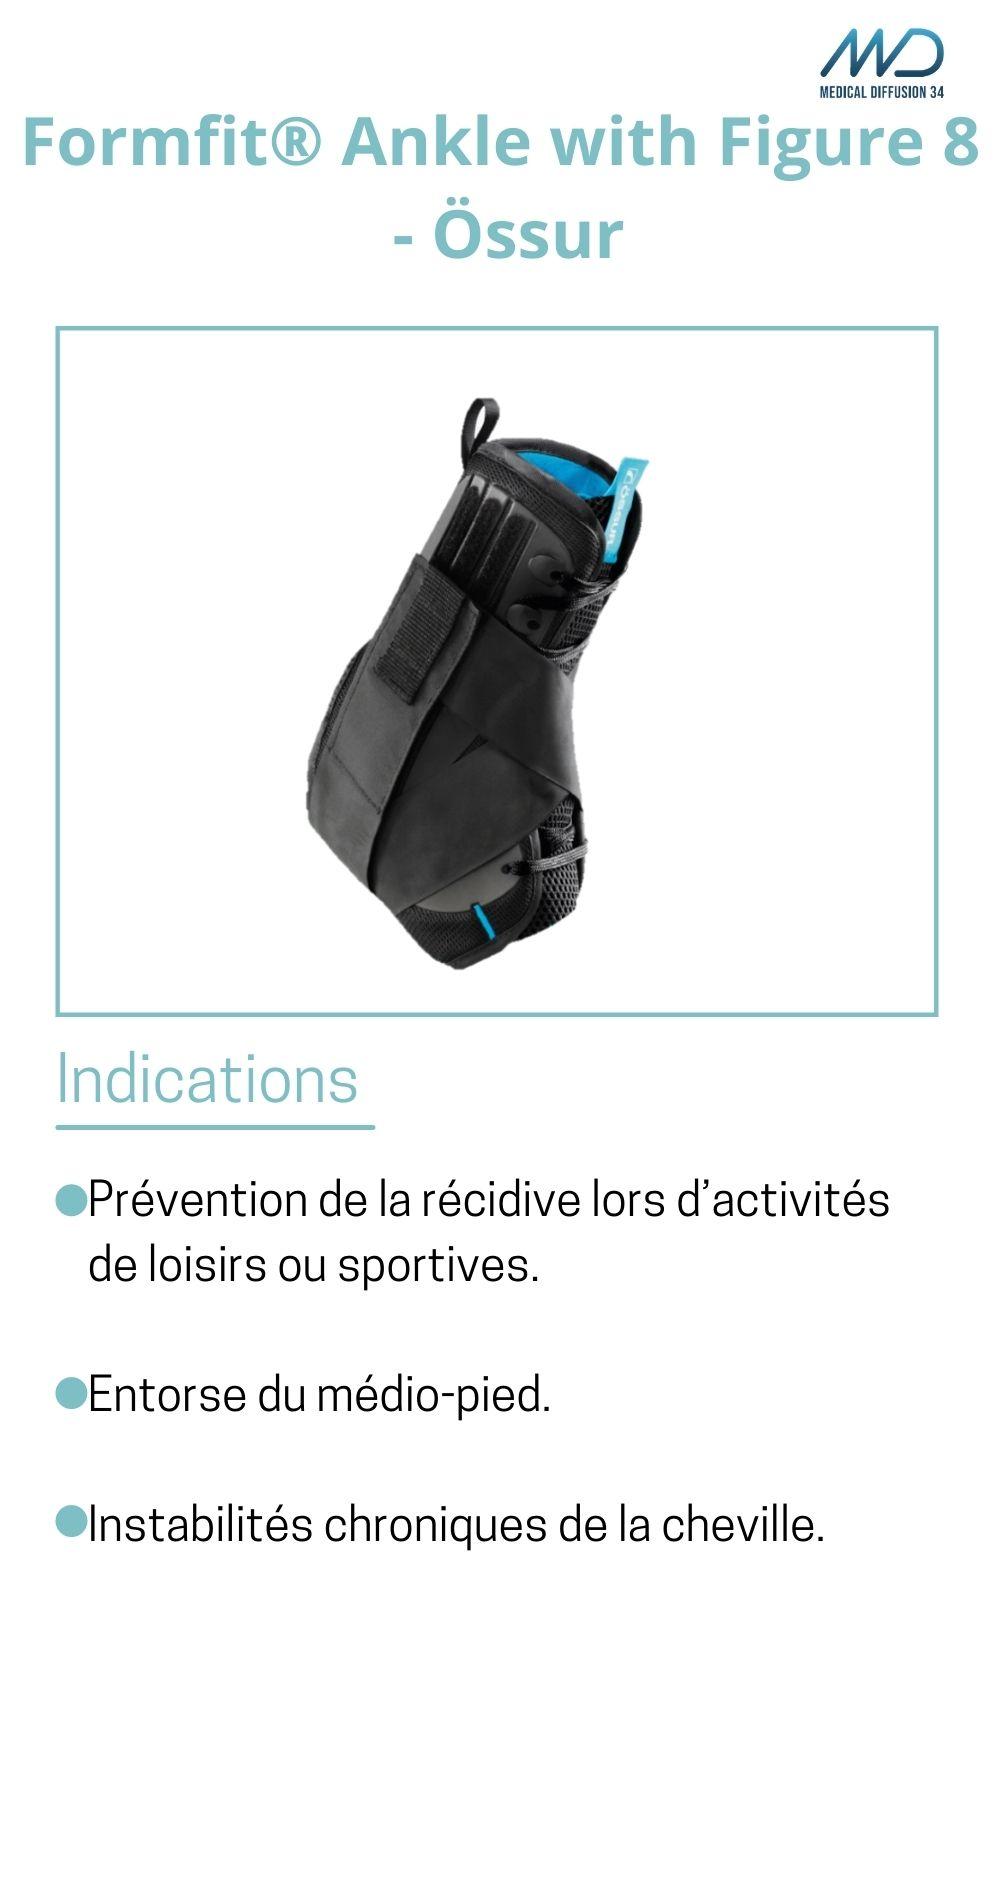 Formfit® Ankle with Figure 8 - Össur - espace md santé